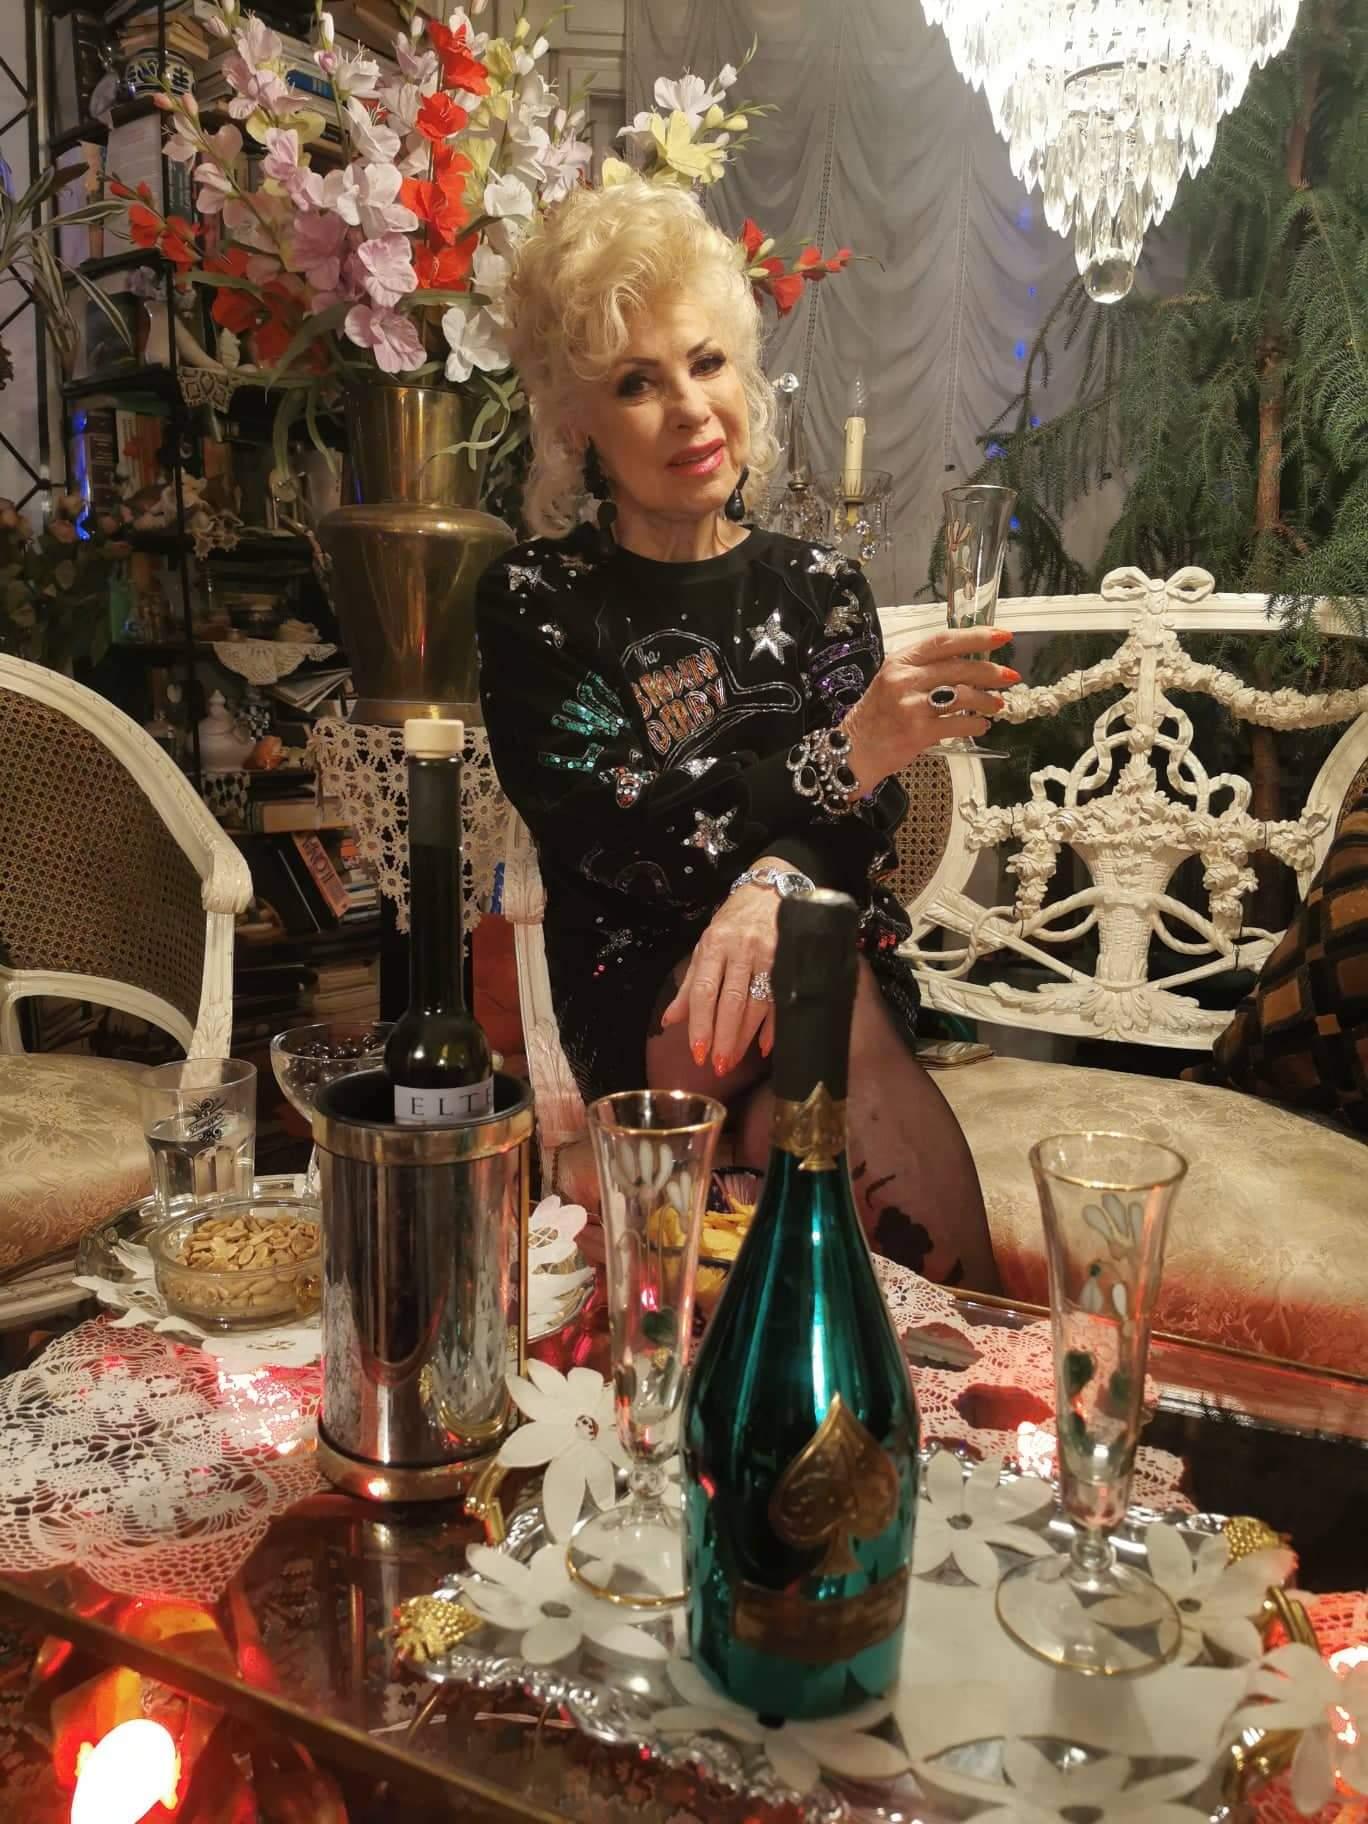 Születésnapjára Medveczky drága pezsgőt kapott